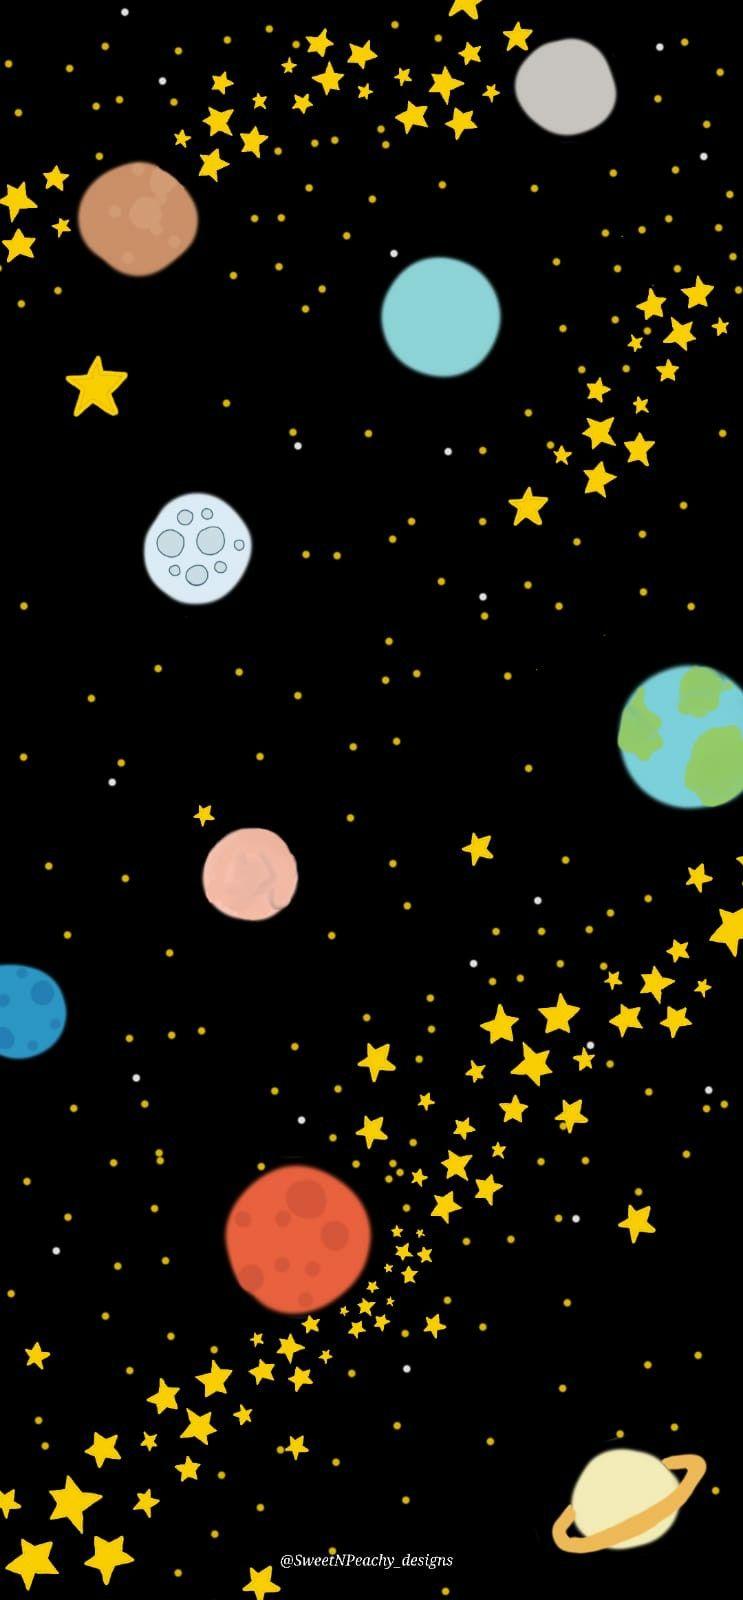 Space Themed Wallpaper Designedbyus Phonewallpaper Space Themed Wallpaper Aesthetic Wallpapers Wallpaper